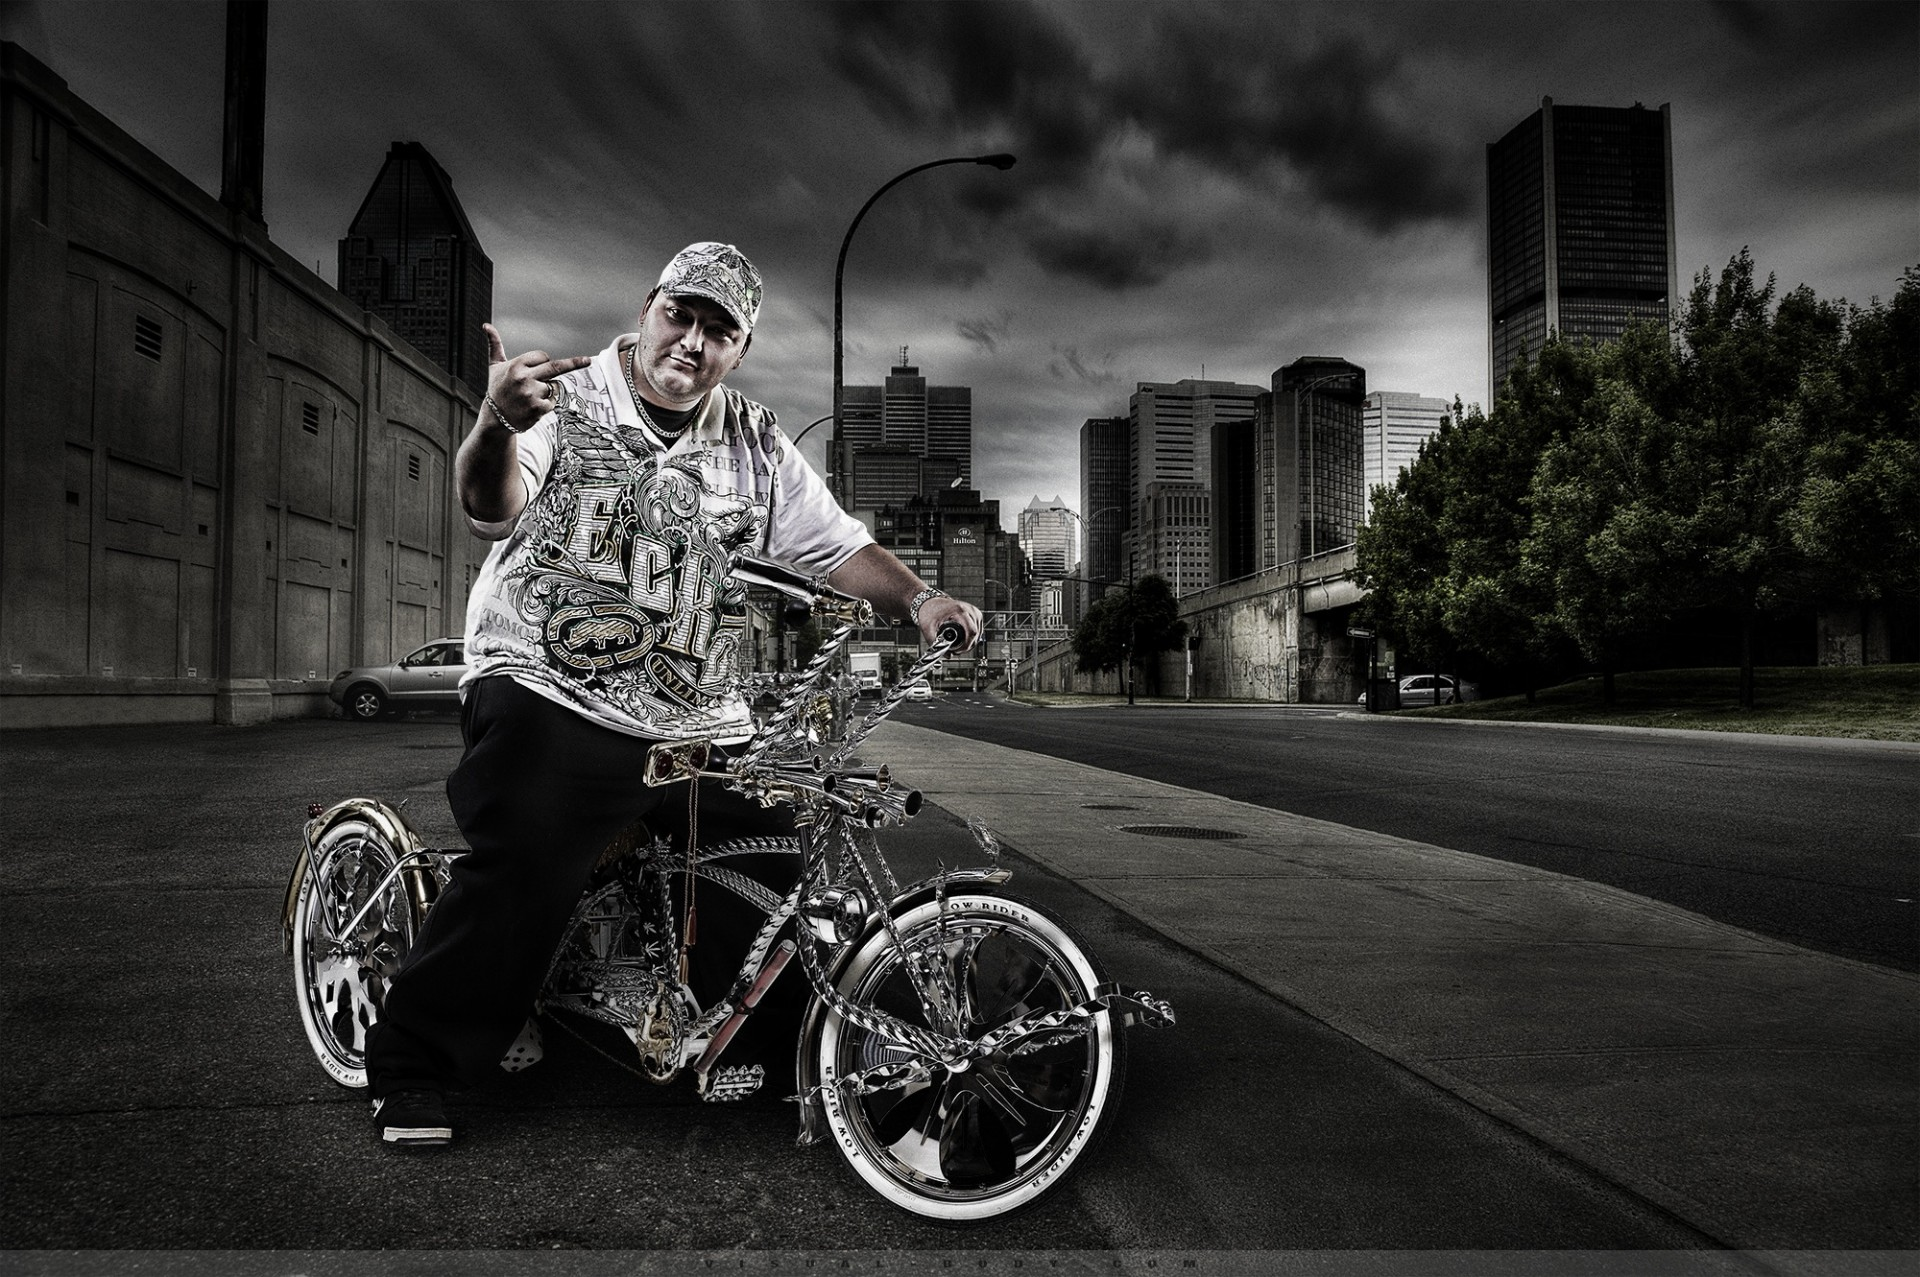 Urban Life I - Le biker